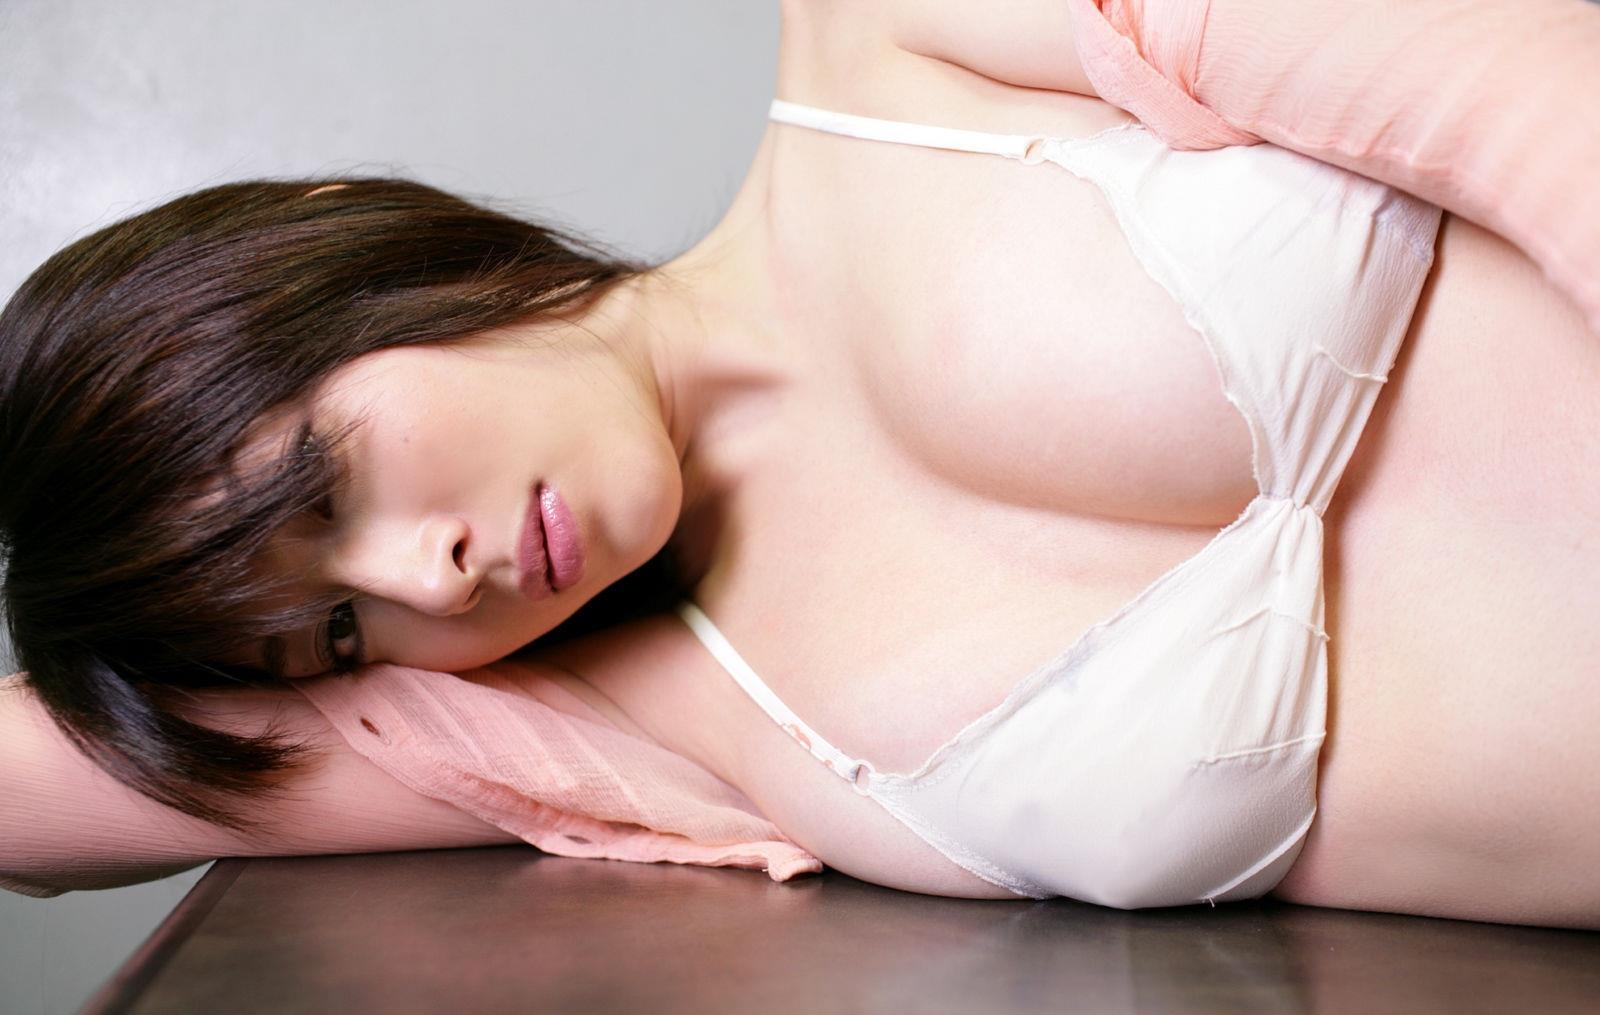 小林恵美 画像 12